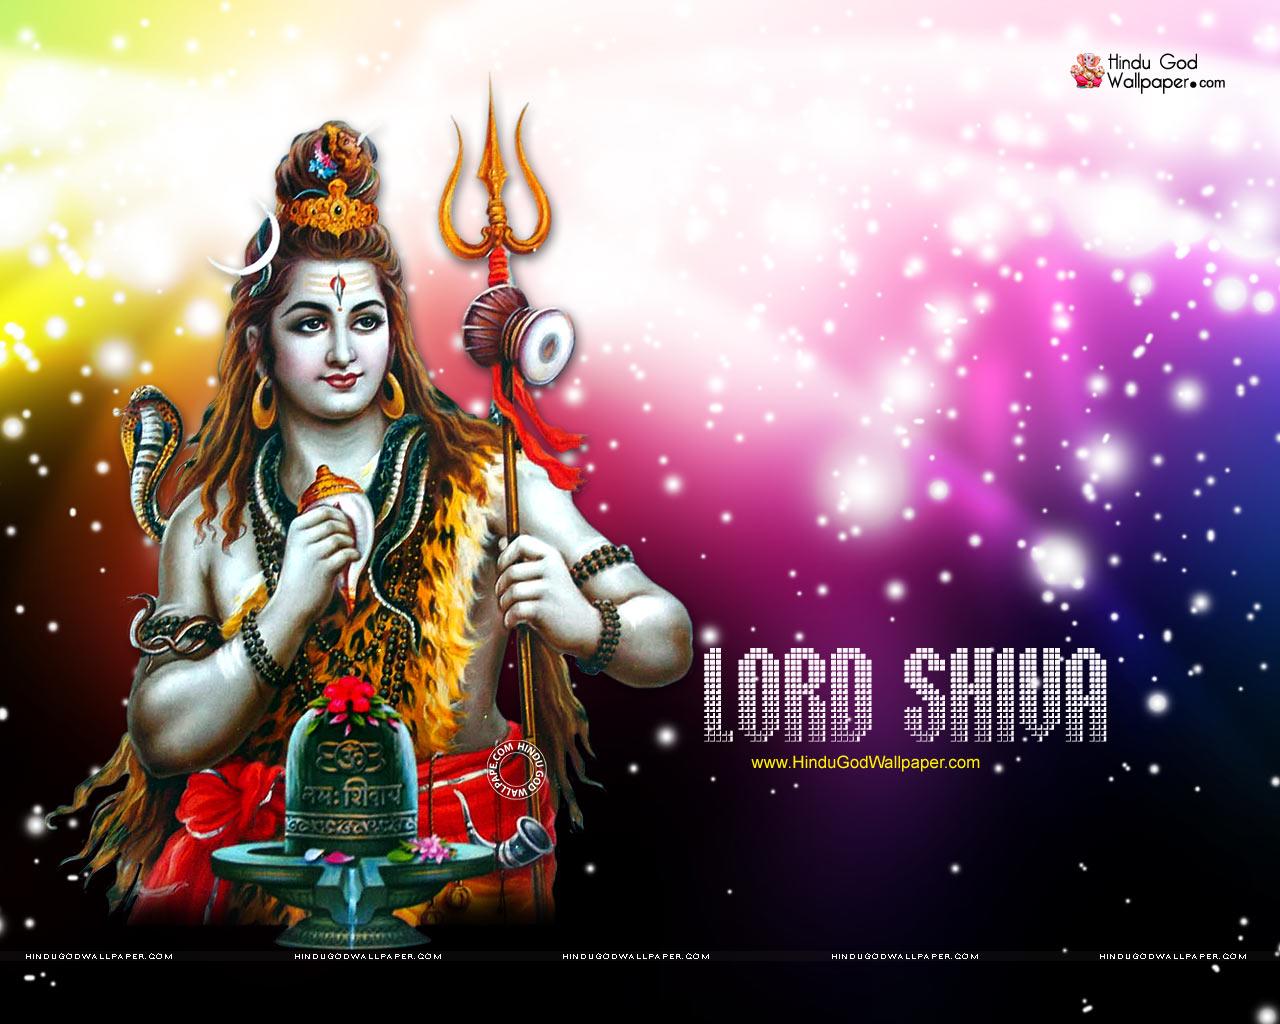 Lord Shiva Wallpaper 1280x1024